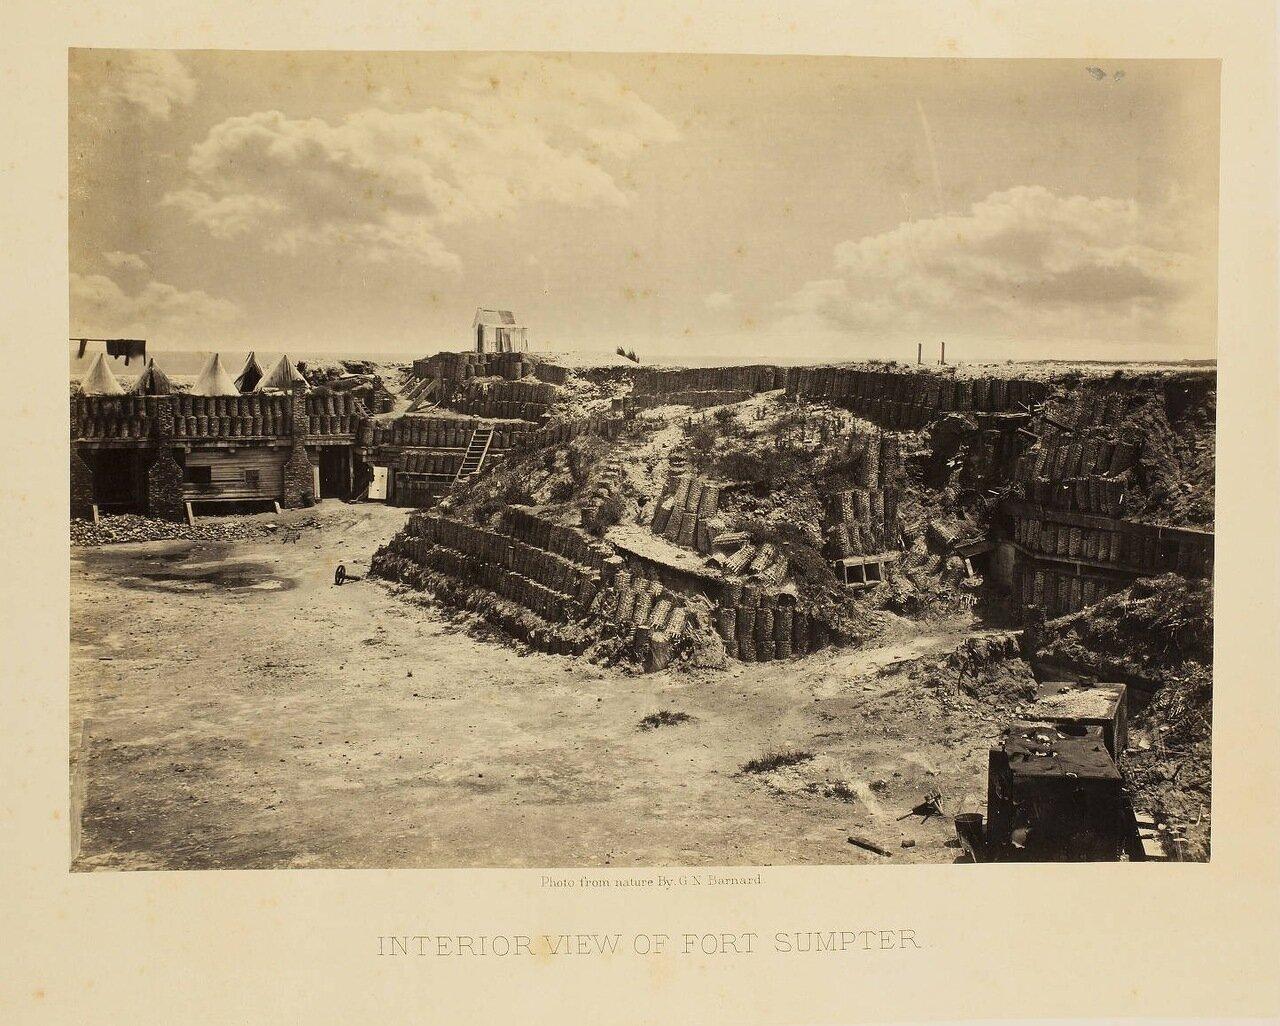 Внутренний вид форта Самтер около города Чарльстон, Южная Каролина